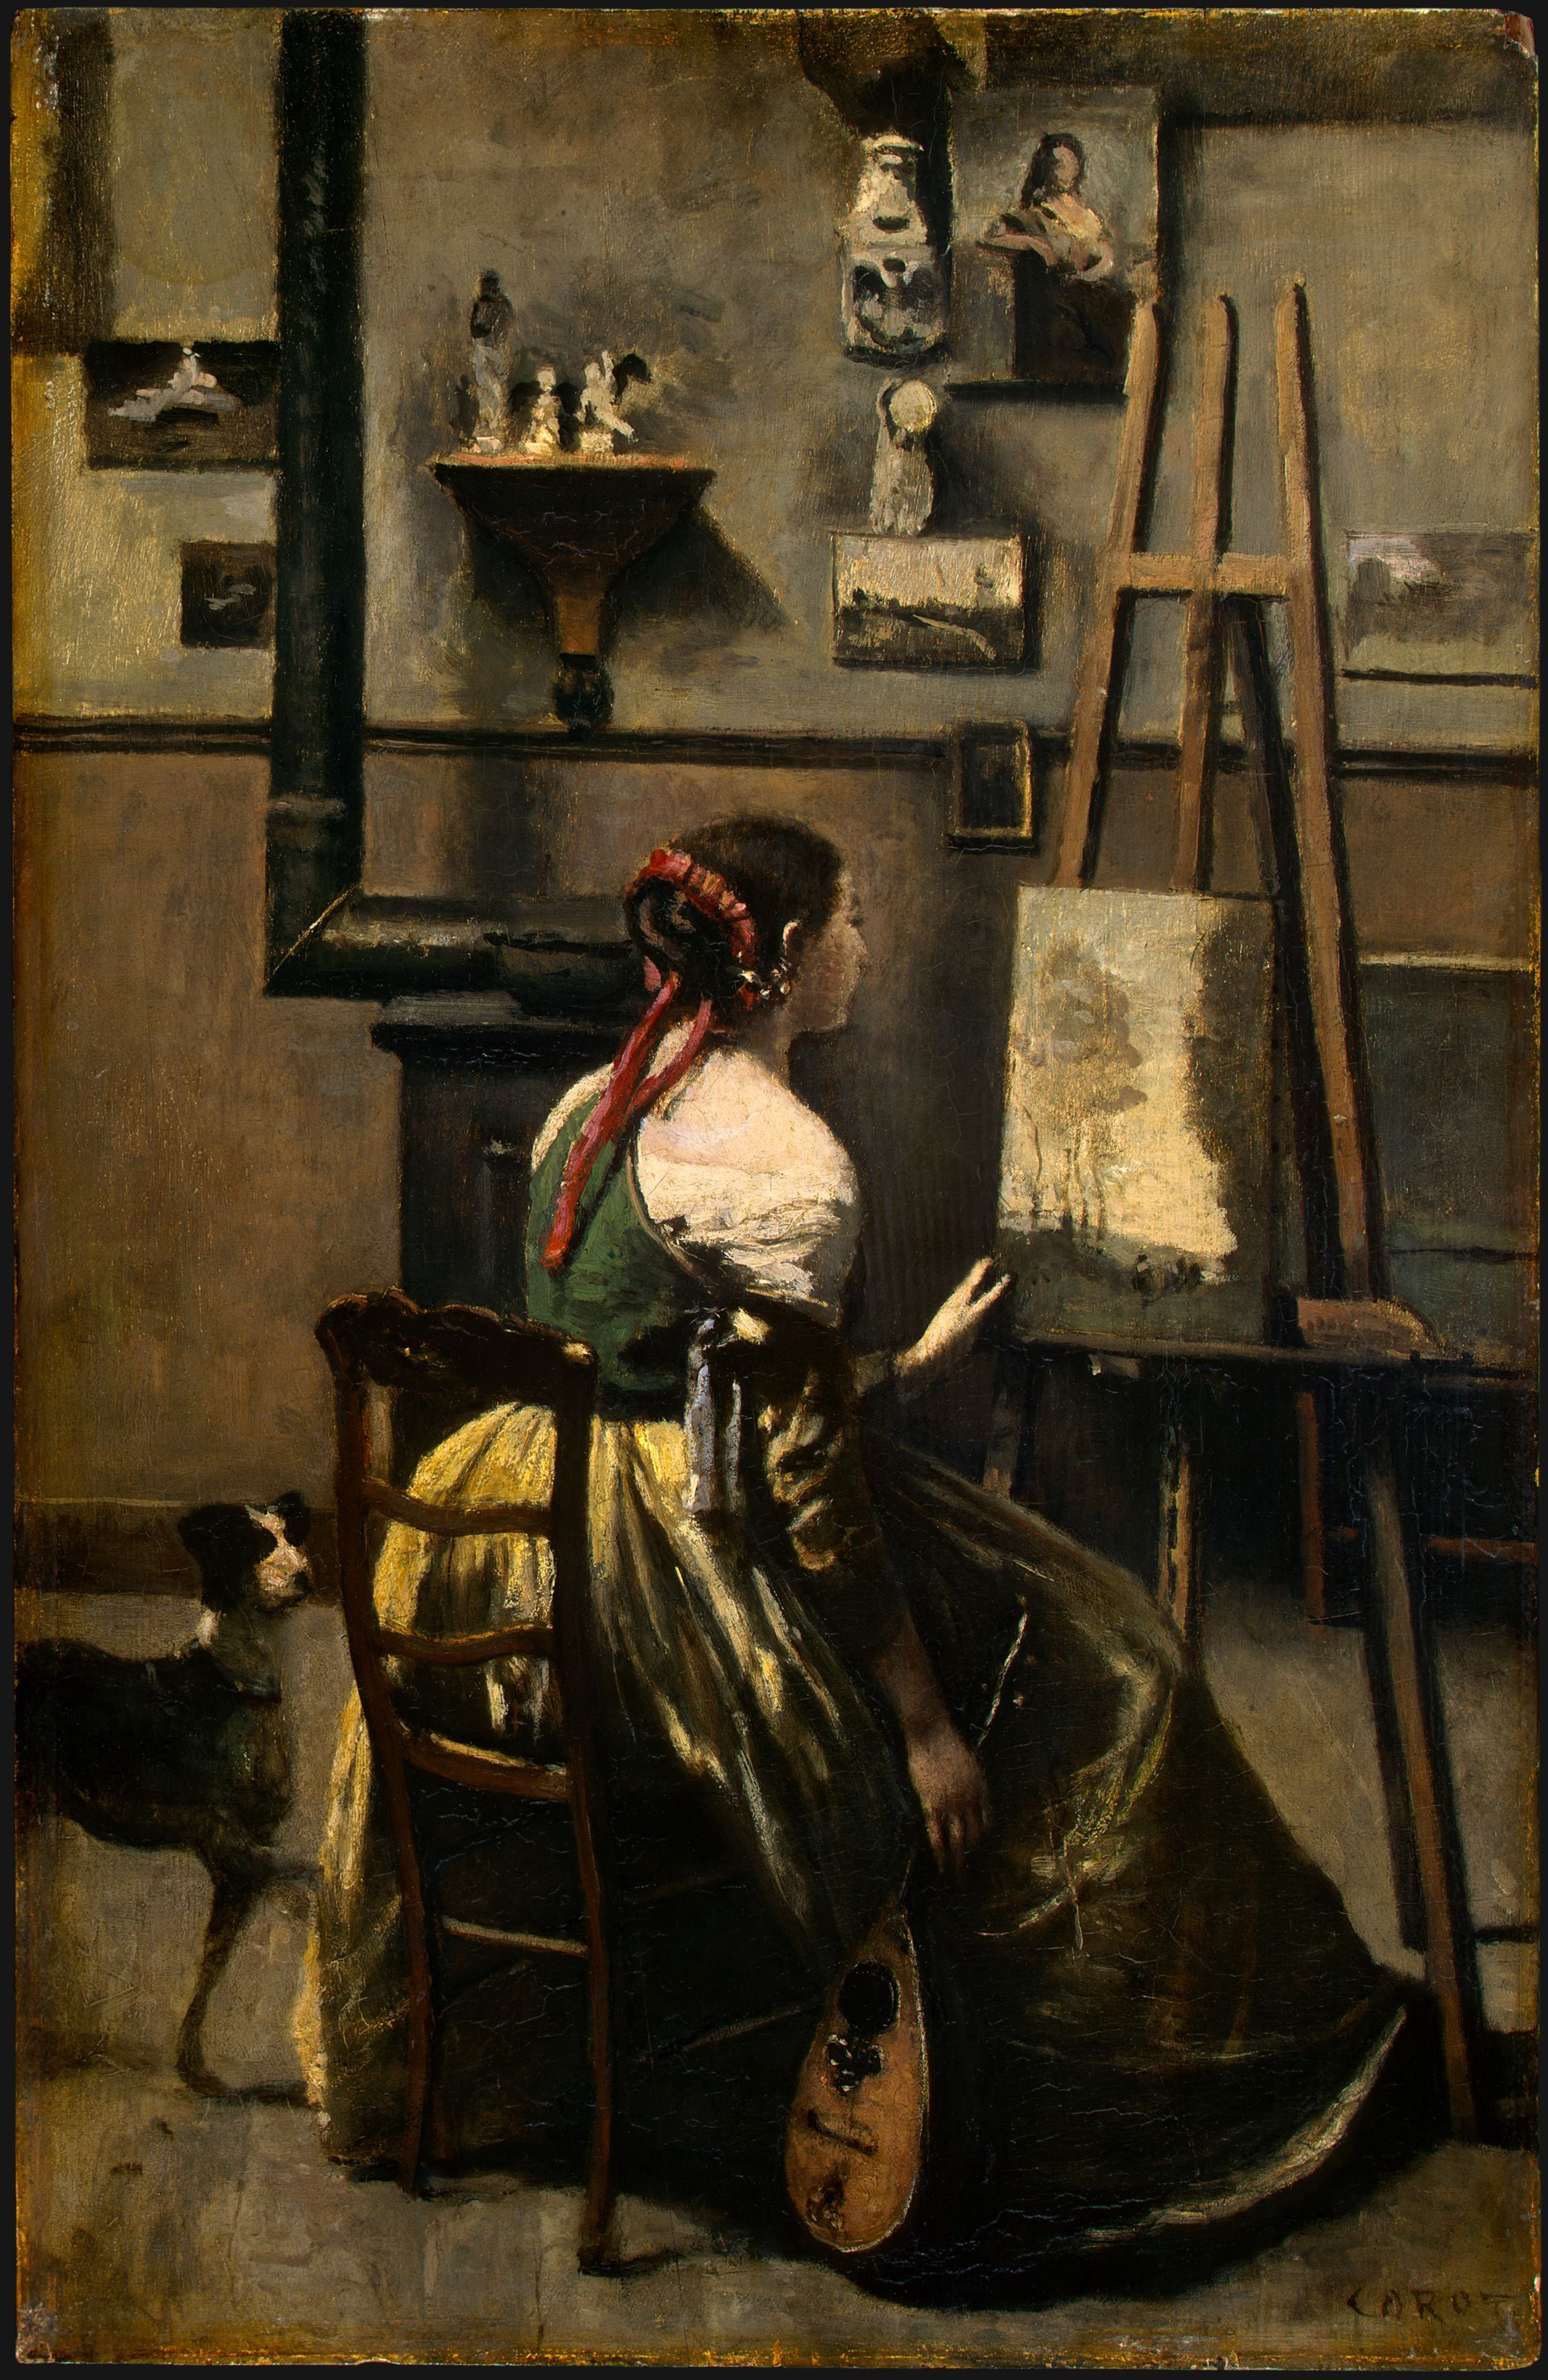 Jean Baptiste Camille Corot, The Artist's Studio